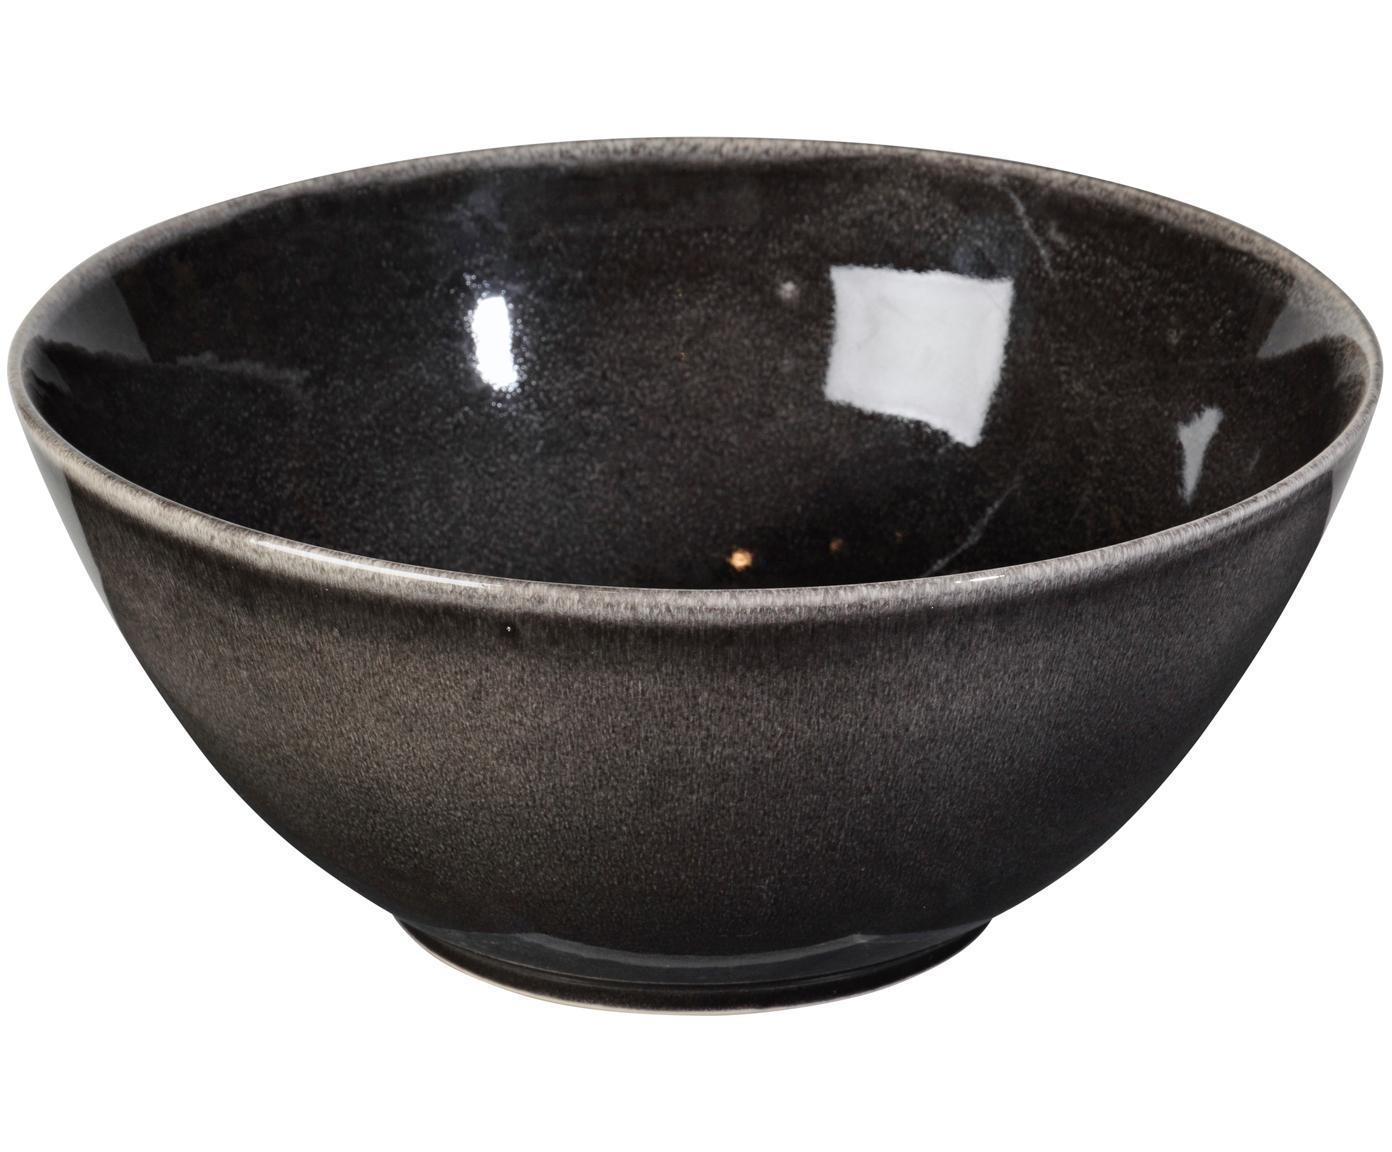 Handgemachte Servierschüssel Nordic Coal aus Steingut, Steingut, Bräunlich, Ø 25 x H 11 cm